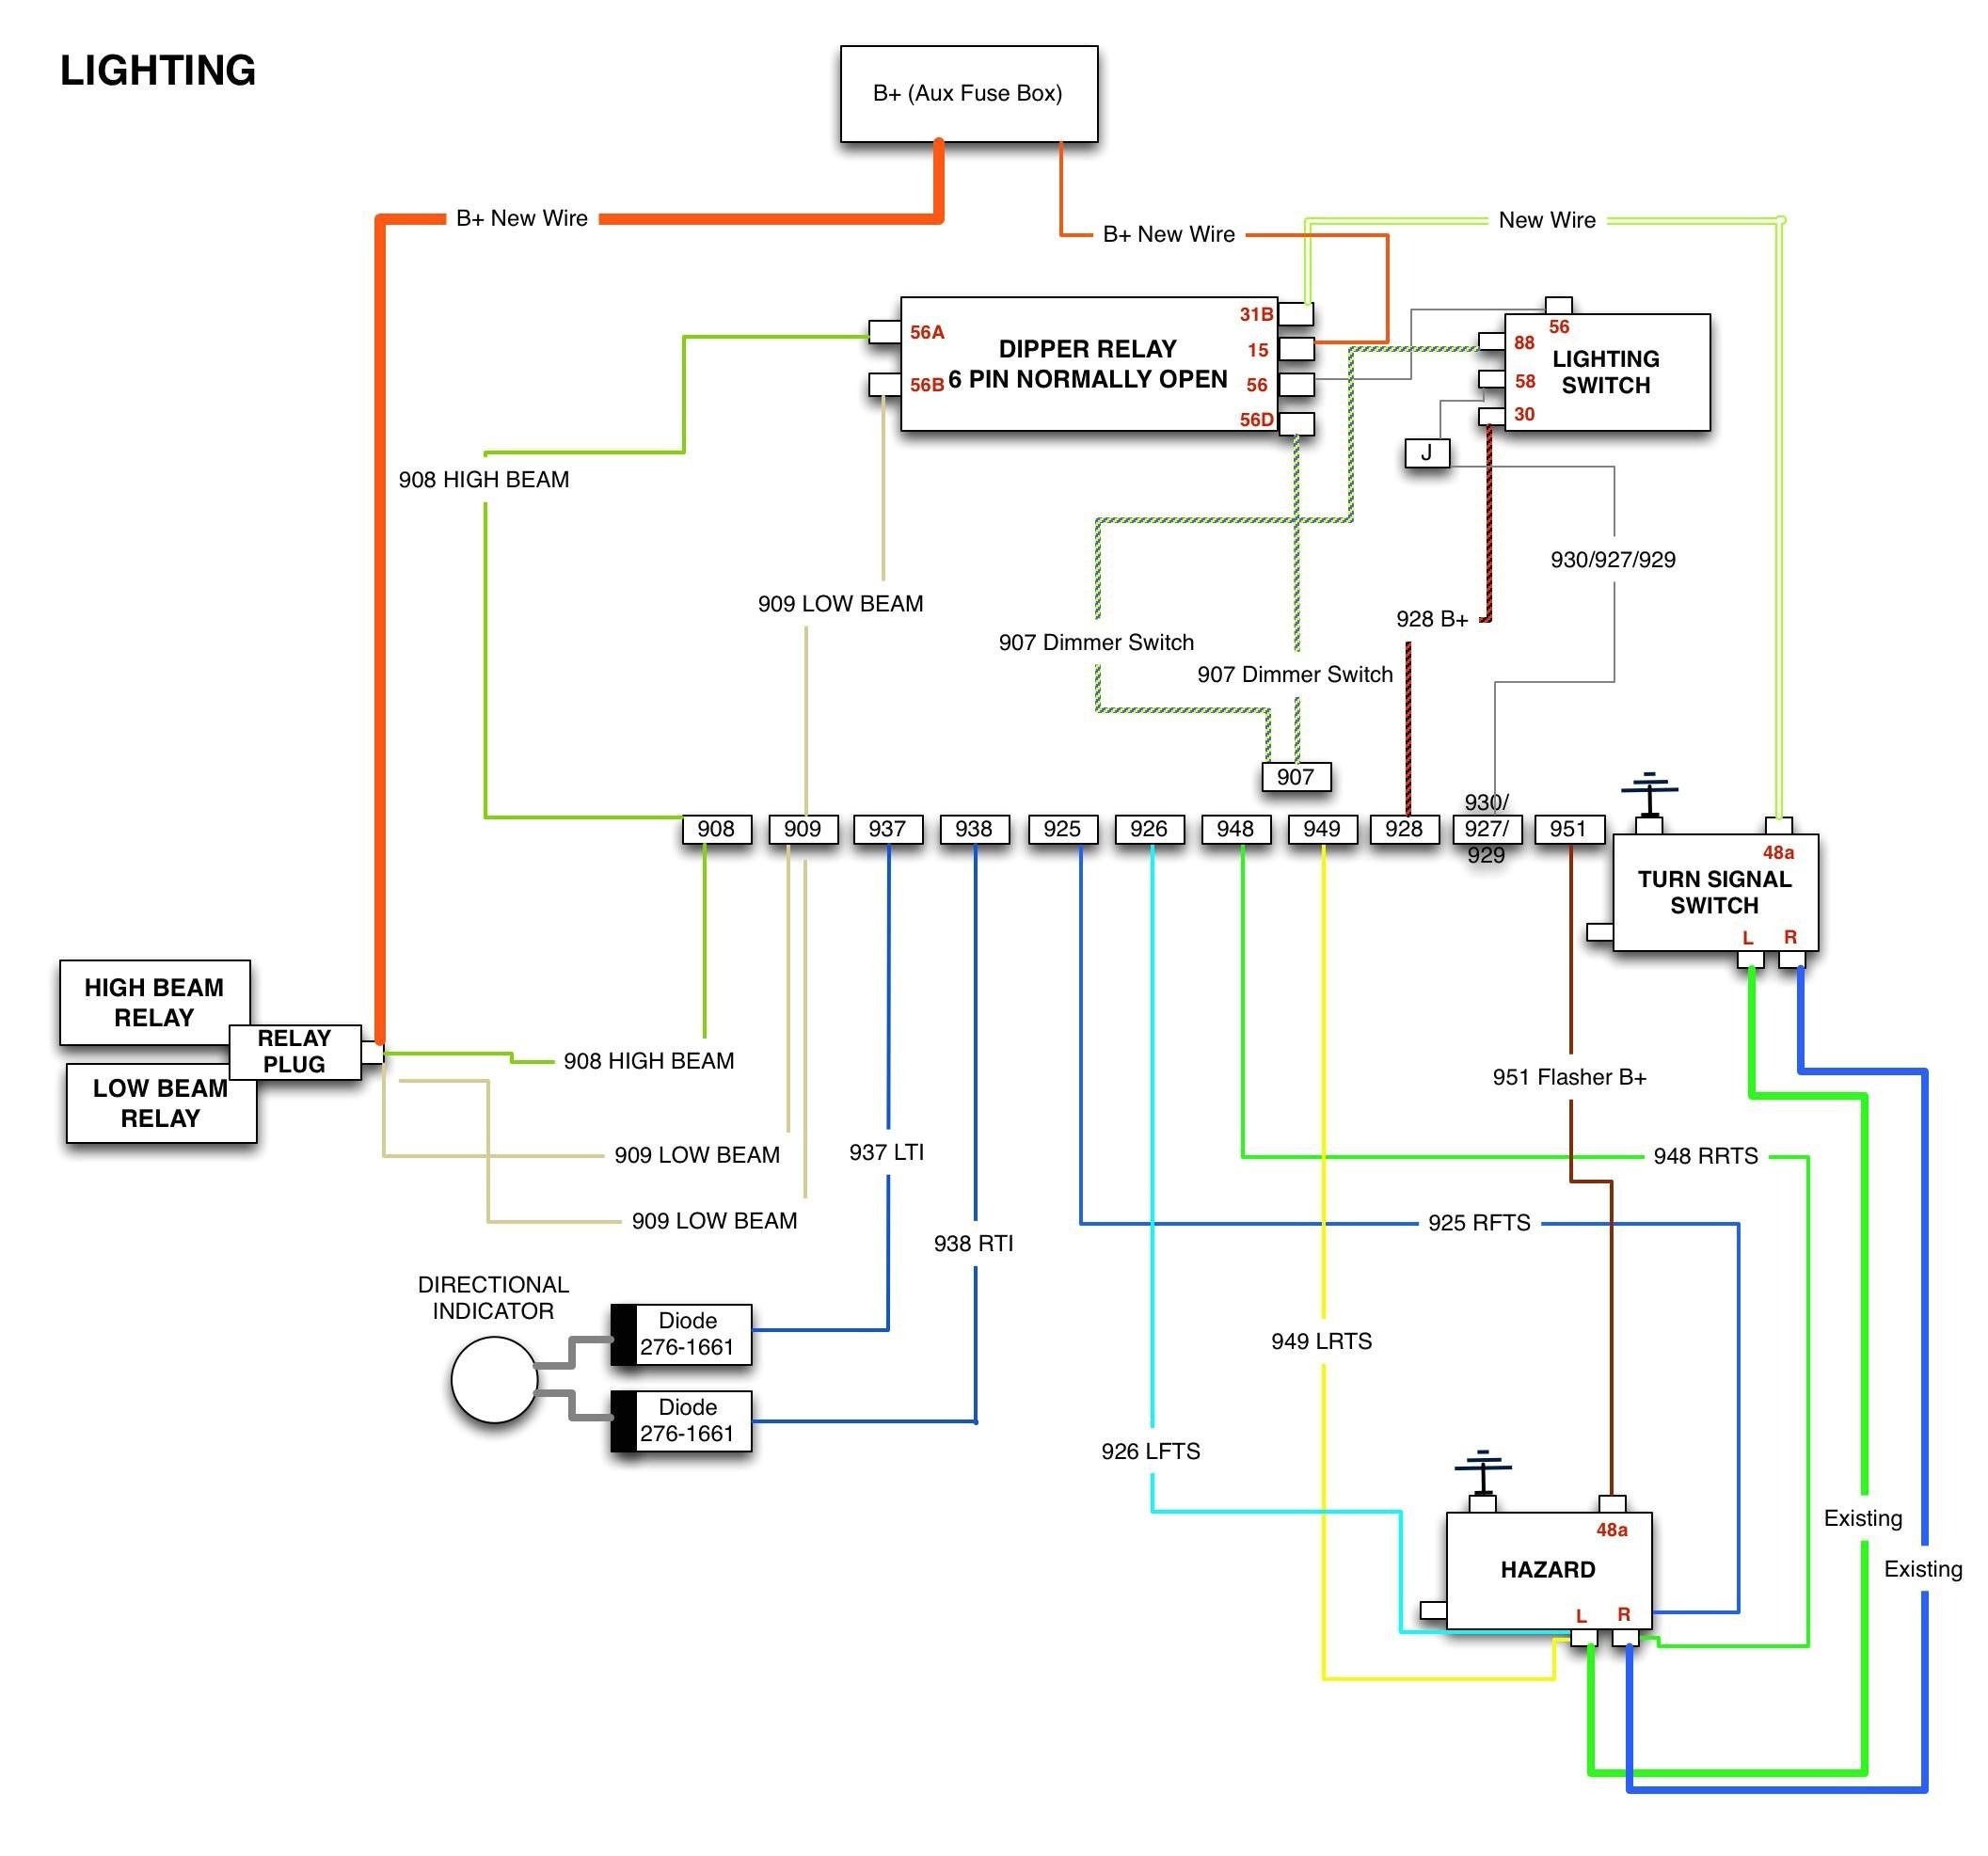 tir3 wiring diagram wiring diagramwhelen ssf5150d wiring diagram wiring diagram viewtir3 wiring diagram wiring diagram tir3